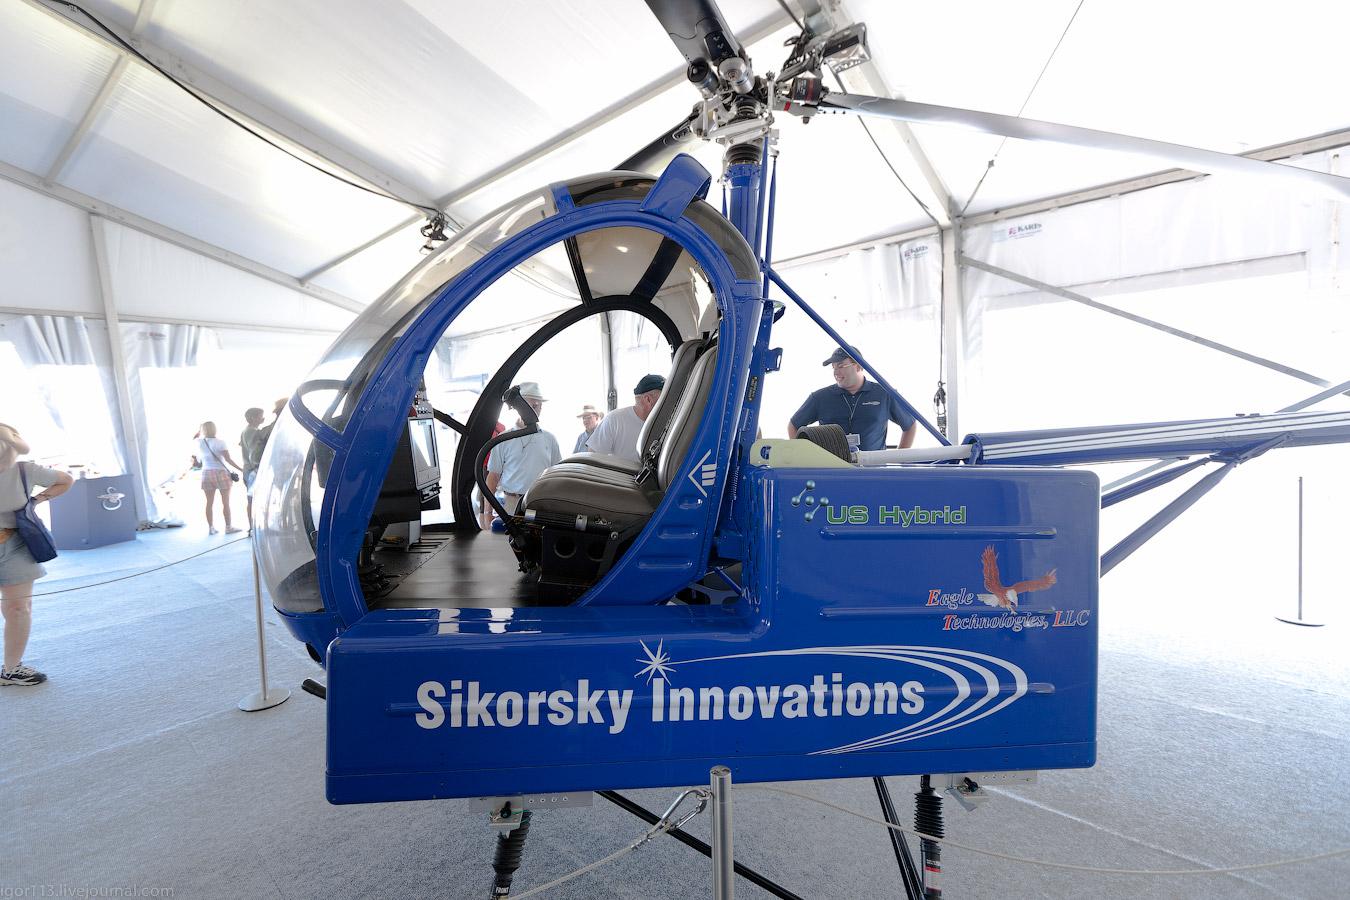 Компания Sikorsky Innovation представила вертолет на электрической тяге